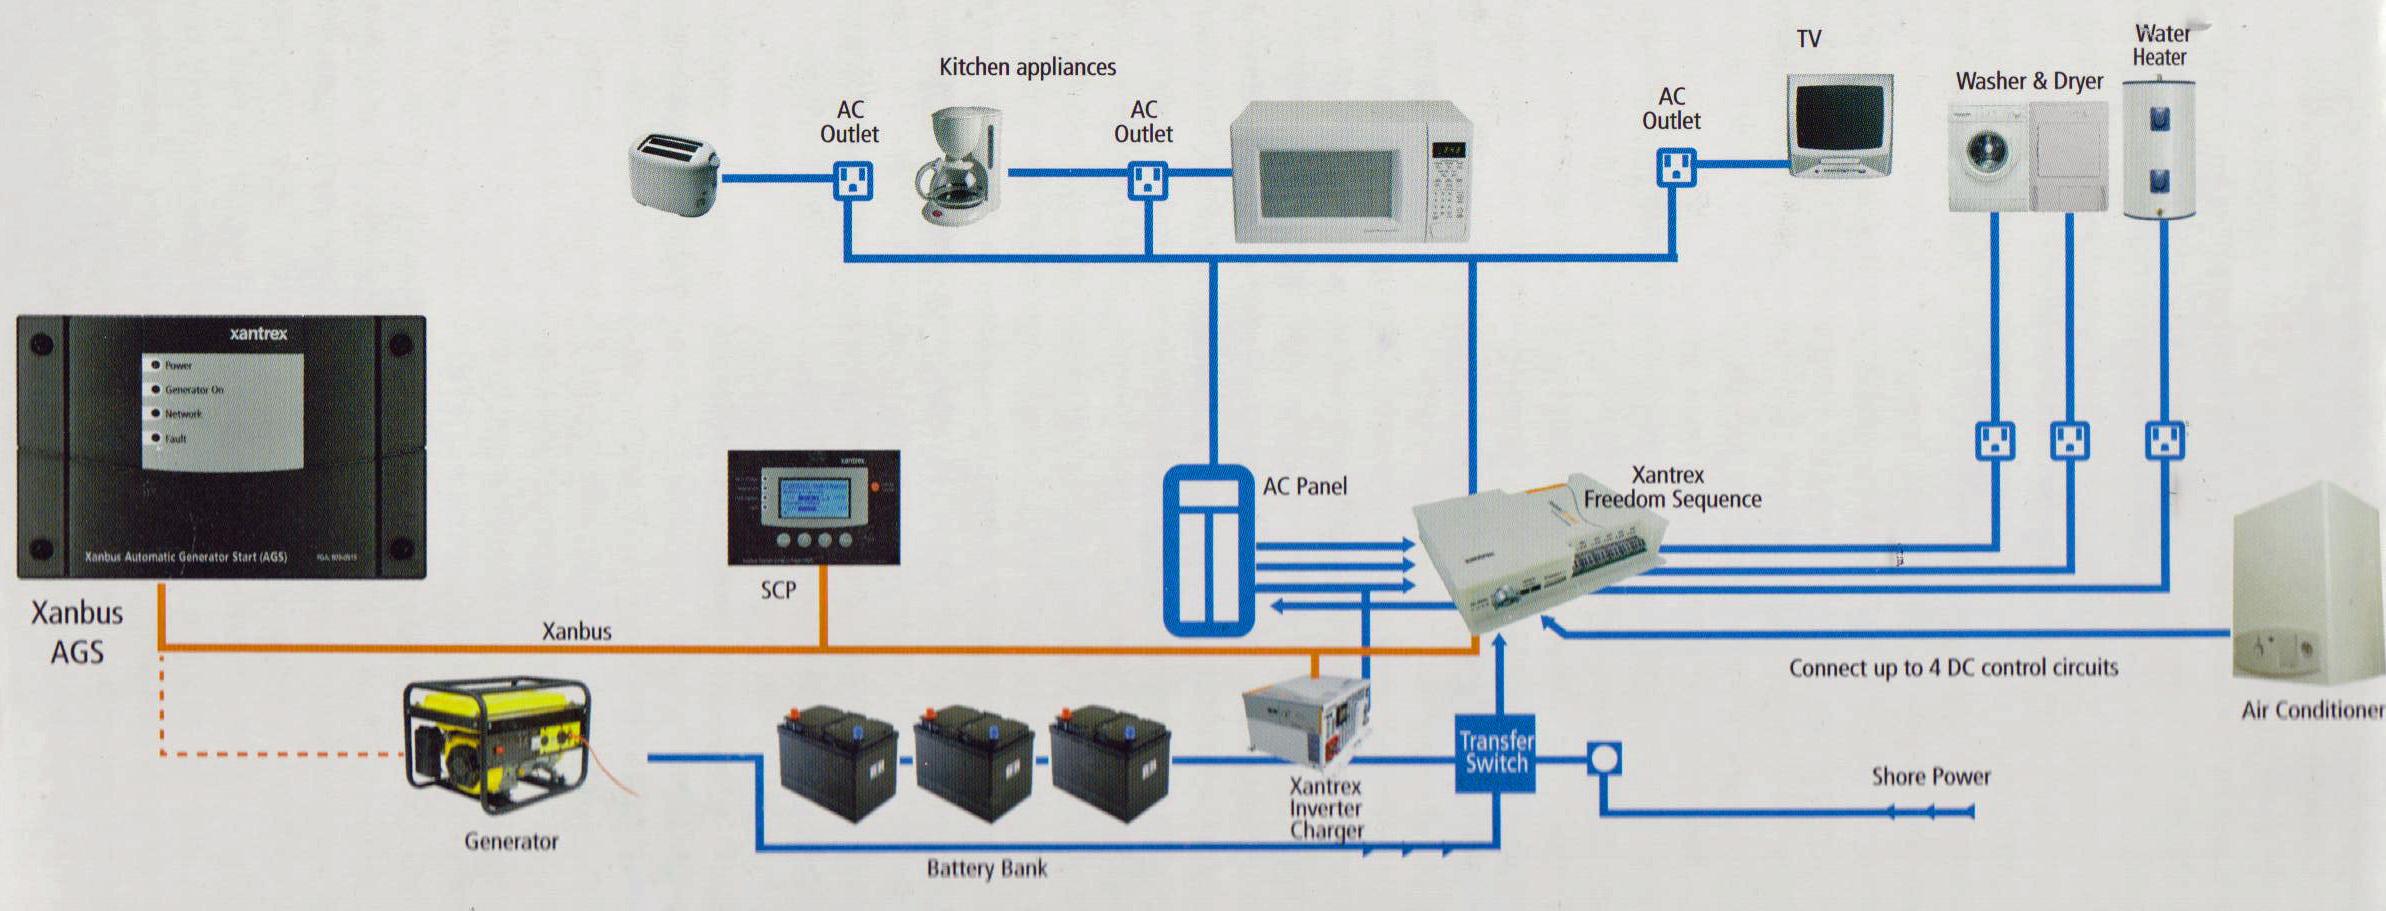 Rv Inverter Charger Wiring Schematics | Wiring Diagram - Rv Inverter Charger Wiring Diagram